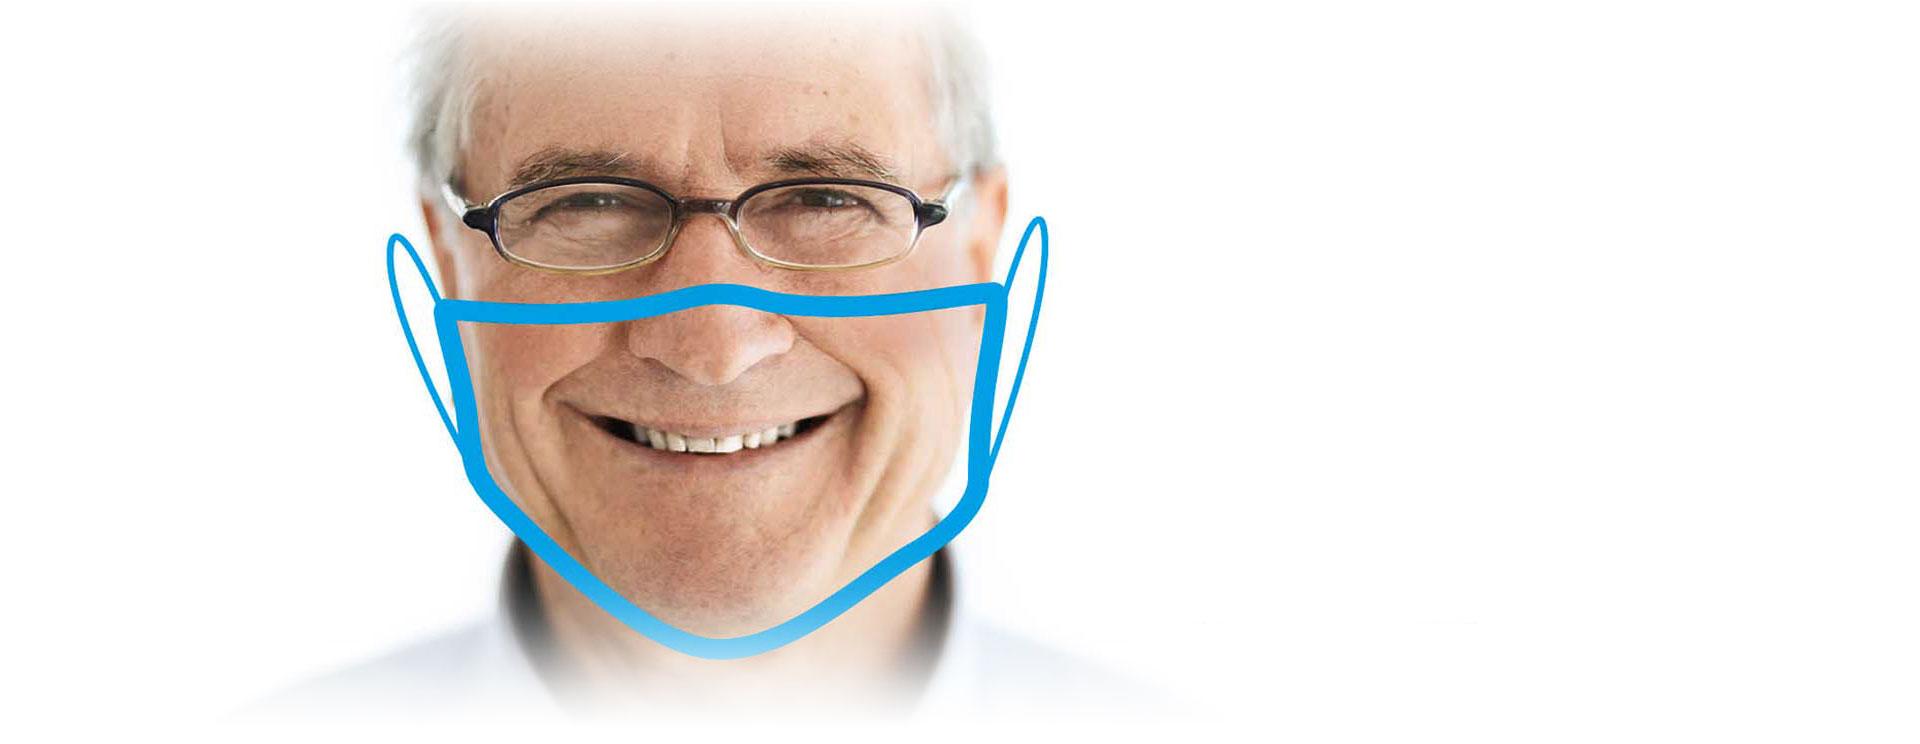 Sani-Klein - Lächeln mit Maske.